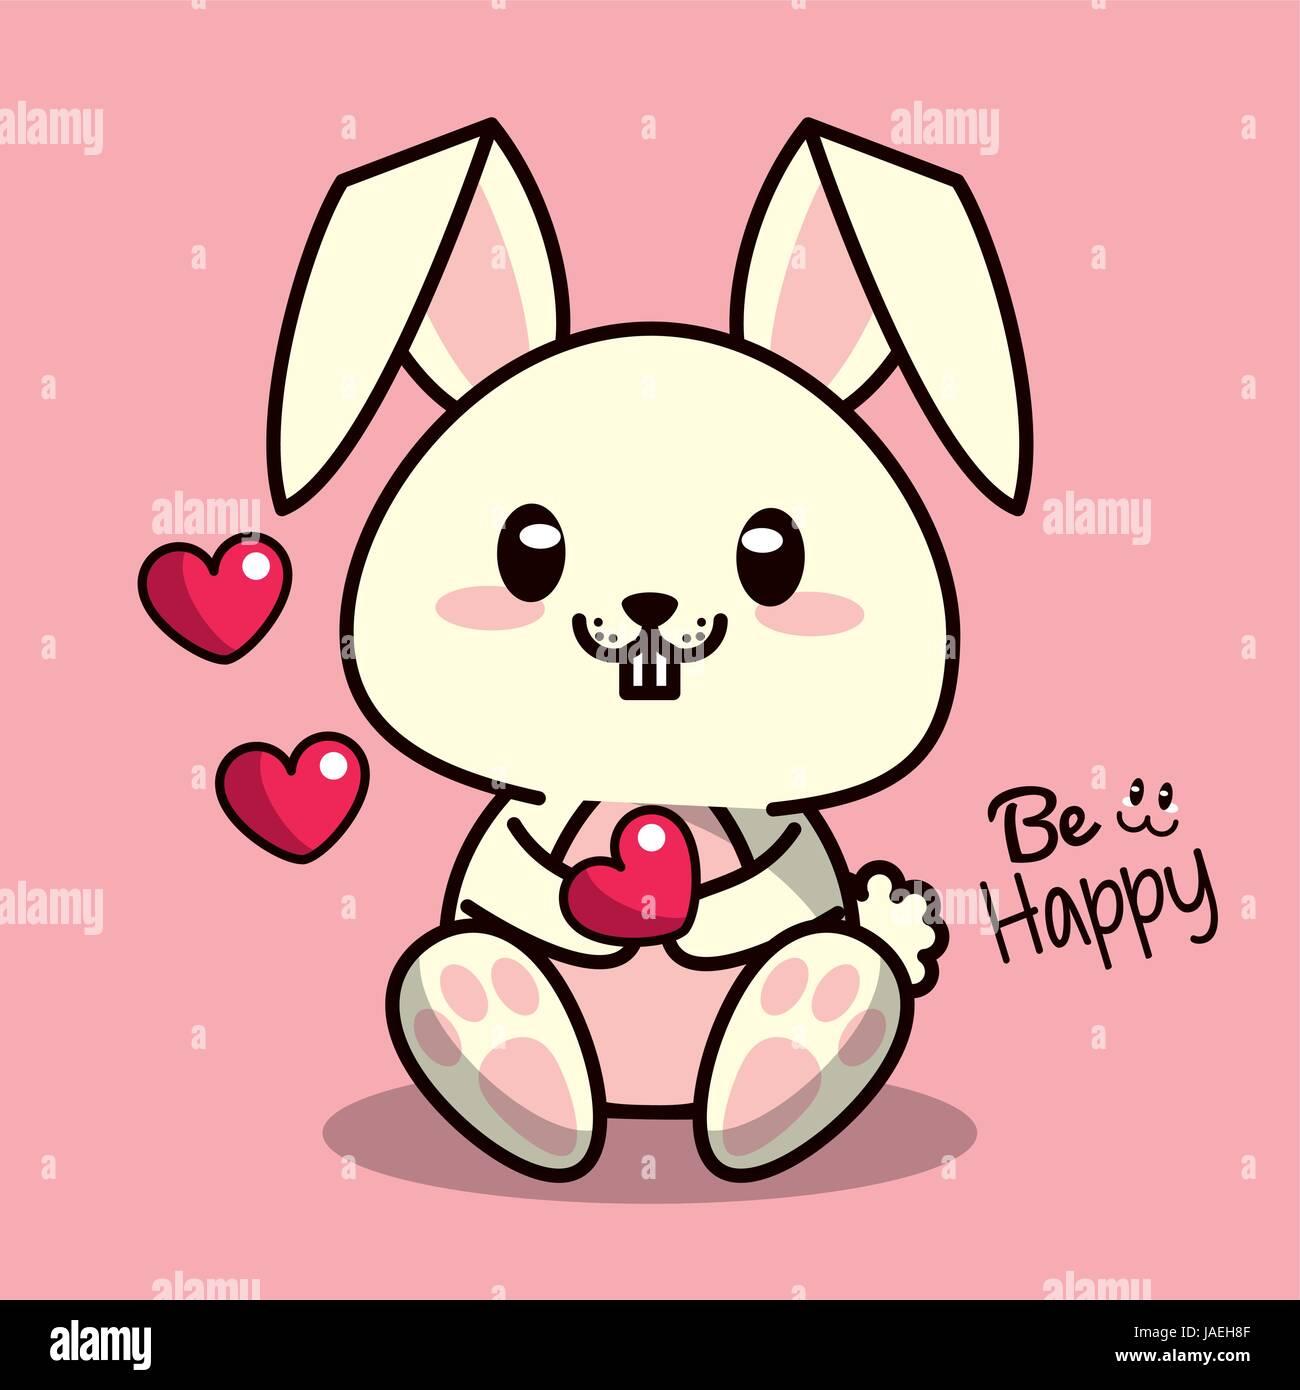 Colore Rosa Sfondo Con Simpatici Animali Kawaii Coniglio Con Cuore